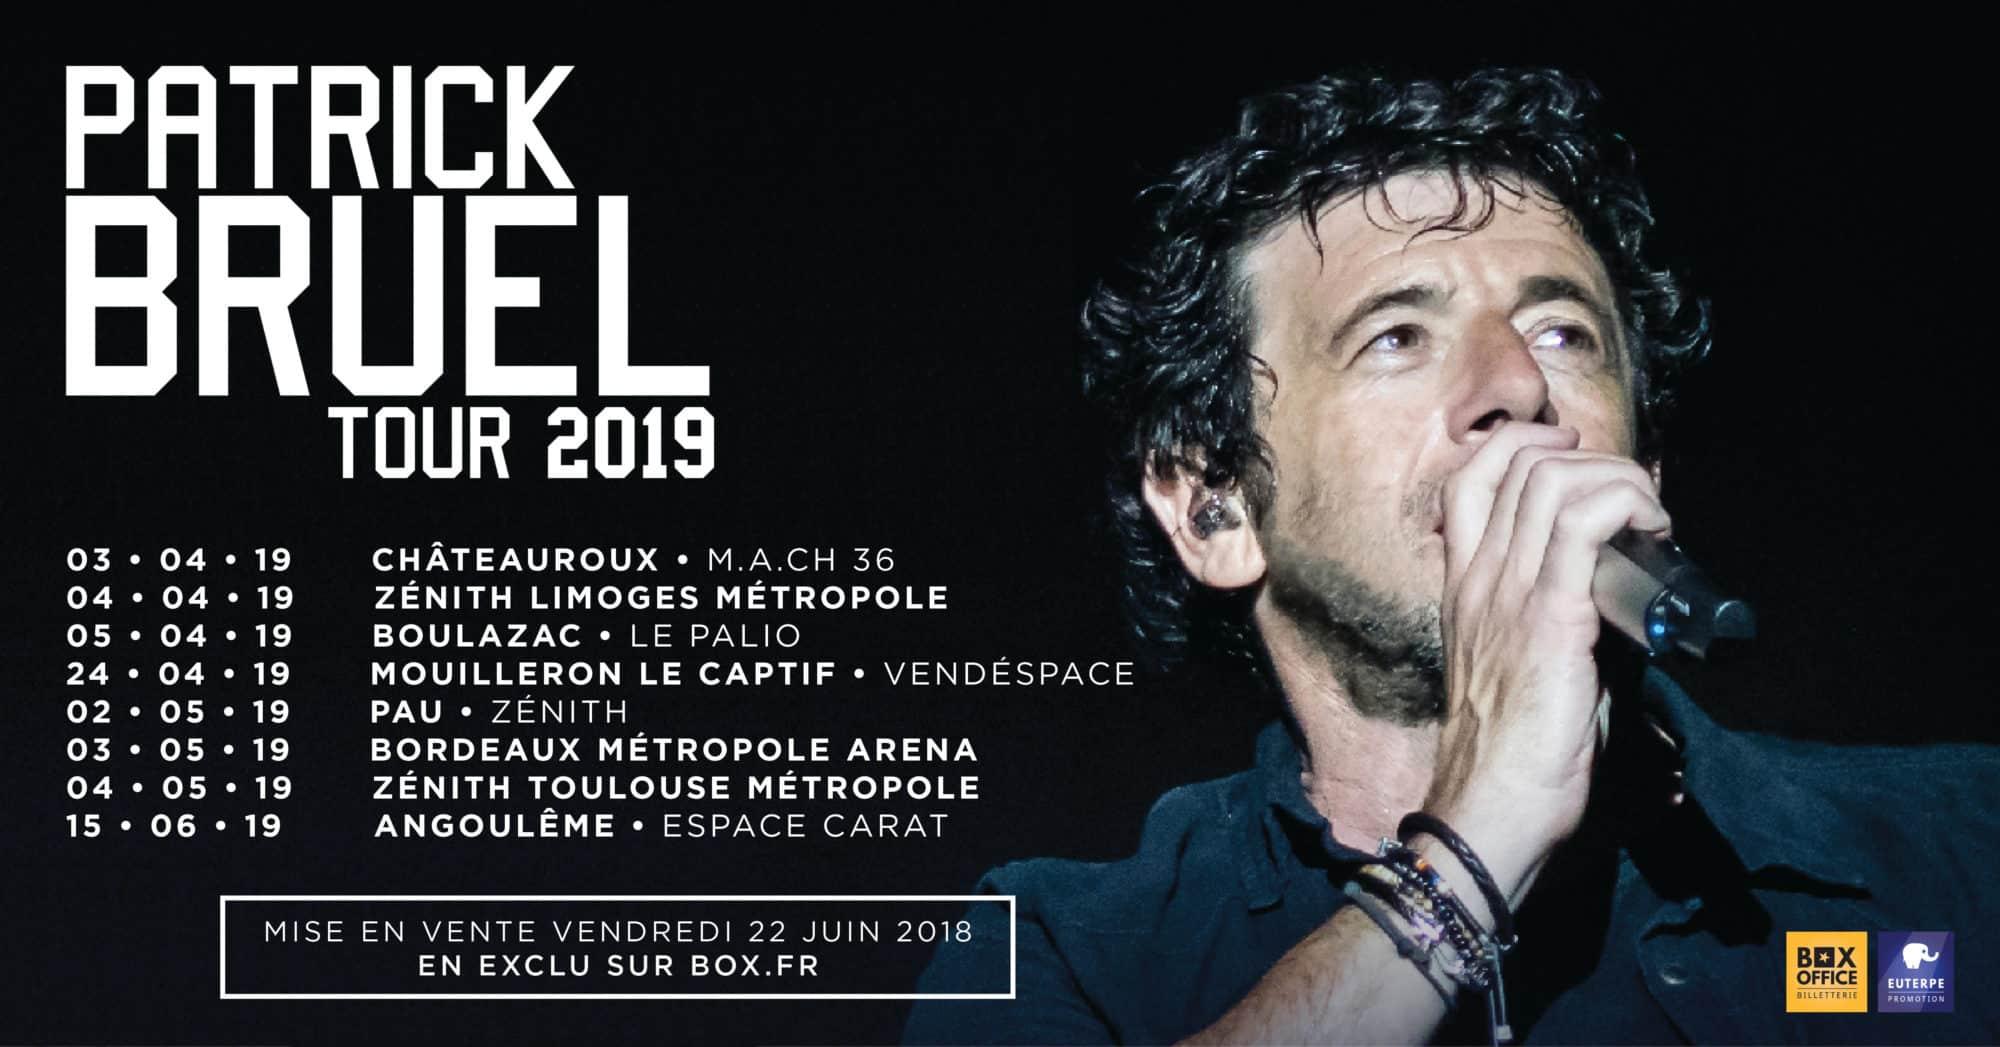 Une deuxième date pour Patrick Bruel en mai 2019 à Toulouse